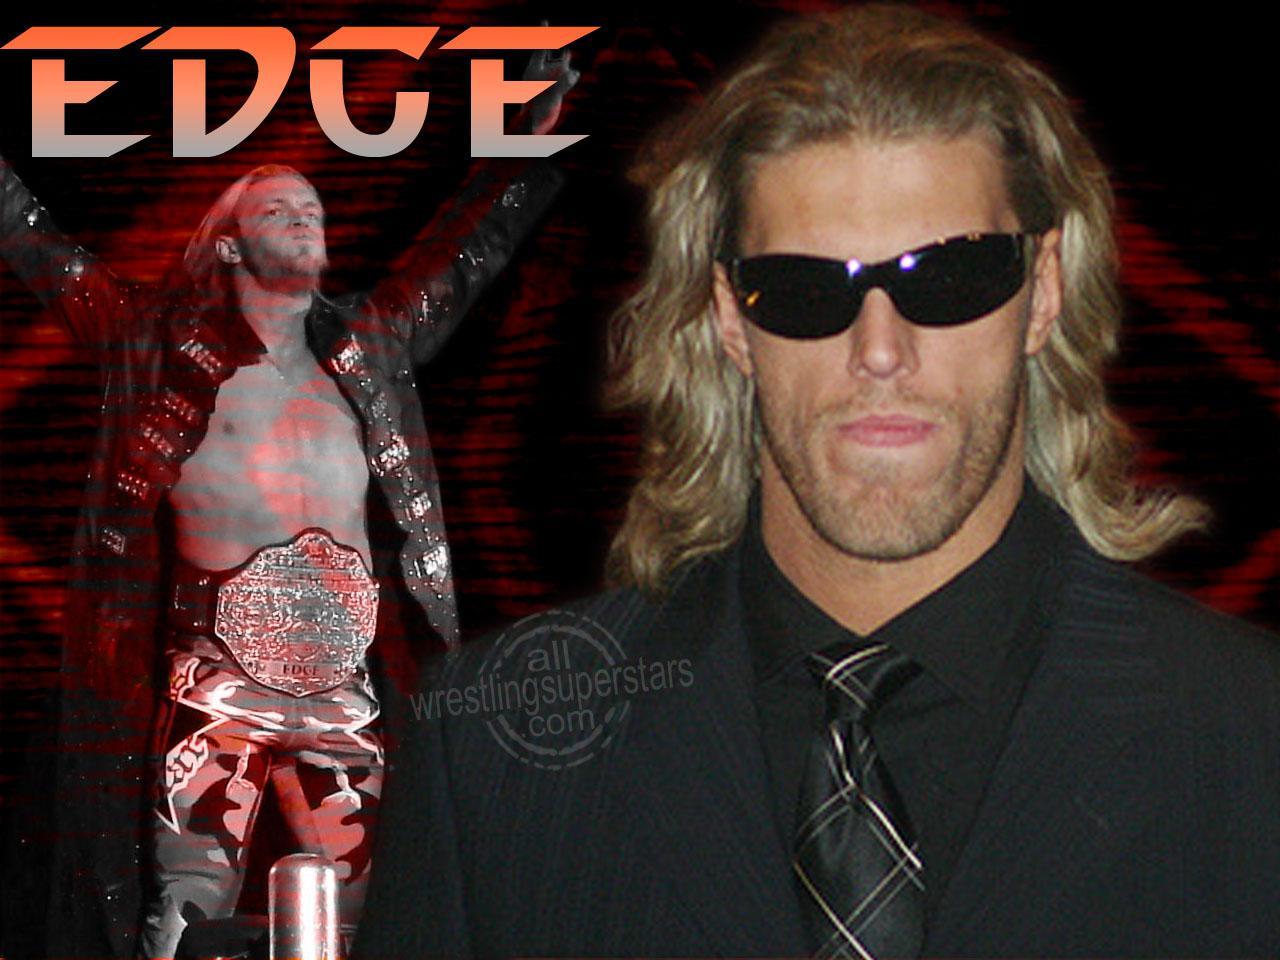 http://2.bp.blogspot.com/-e_xFPmkR4xg/UEHsg9bt9MI/AAAAAAAADW4/bNRbzcTX5C4/s1600/WWE-WALLPAPERS-EDGE-1.JPG